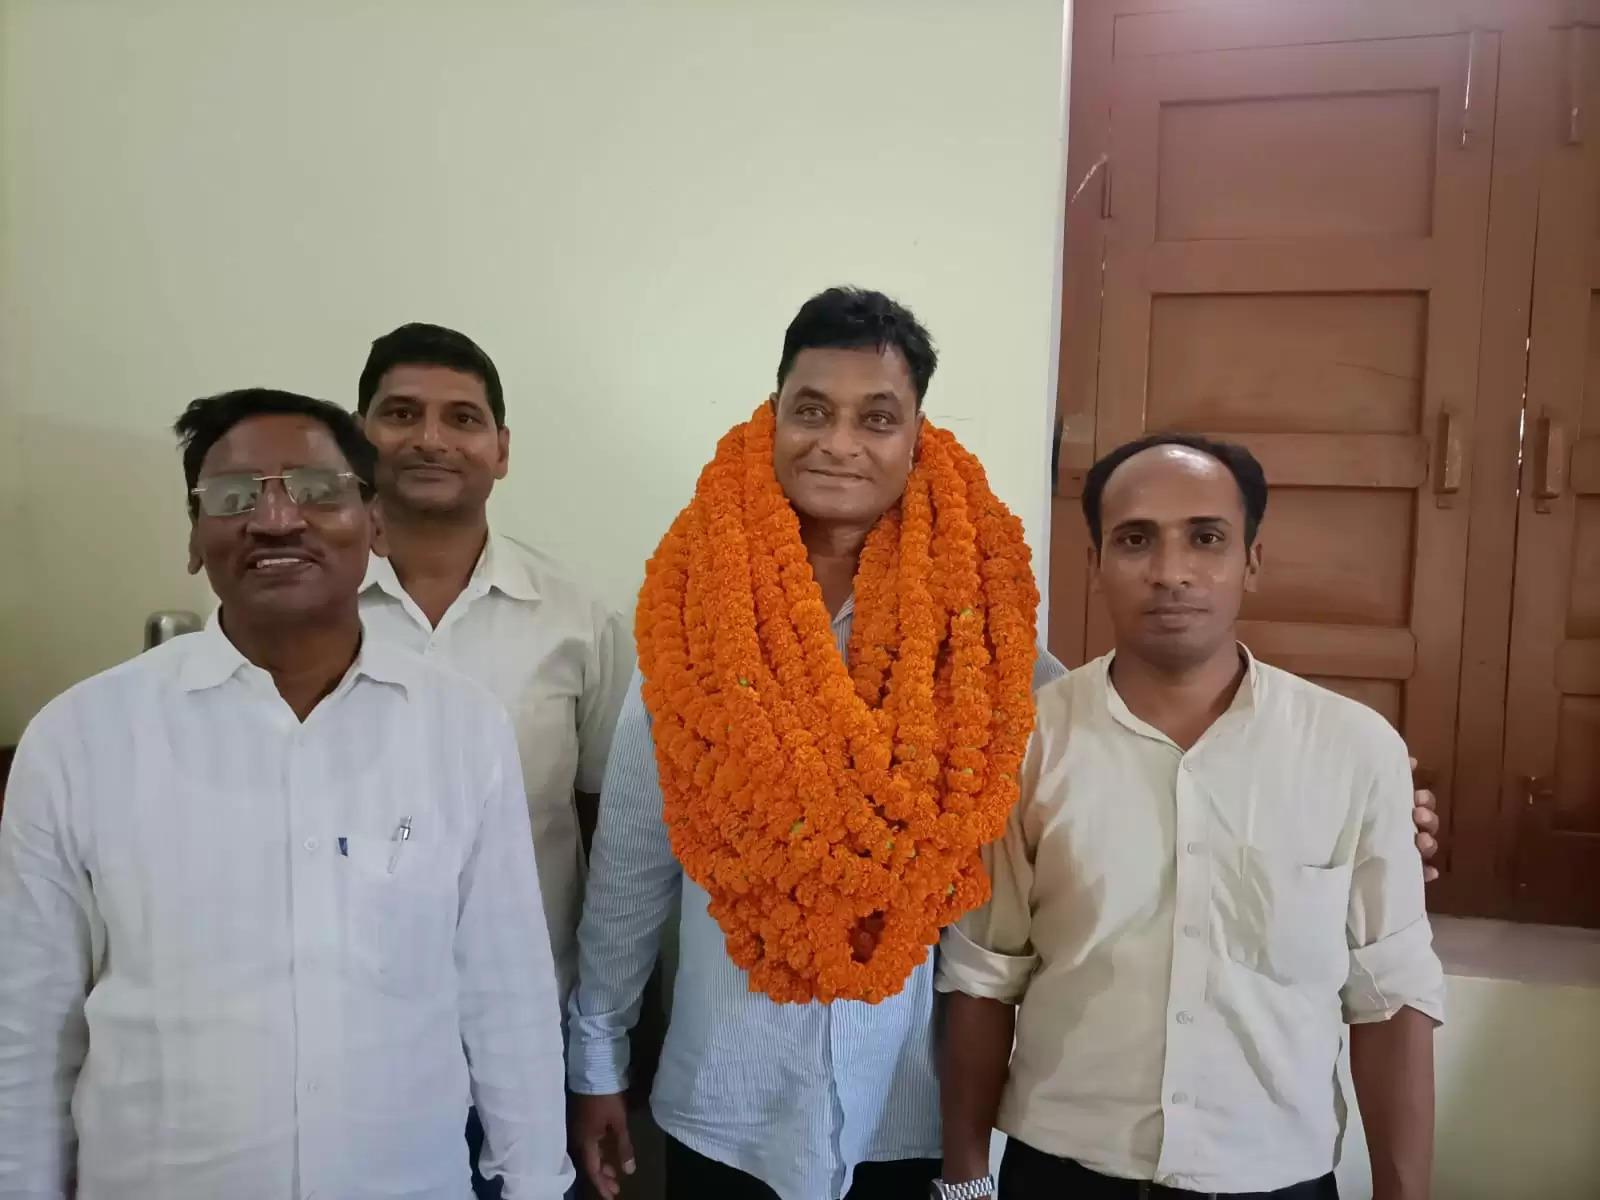 Satish Kumar Singh